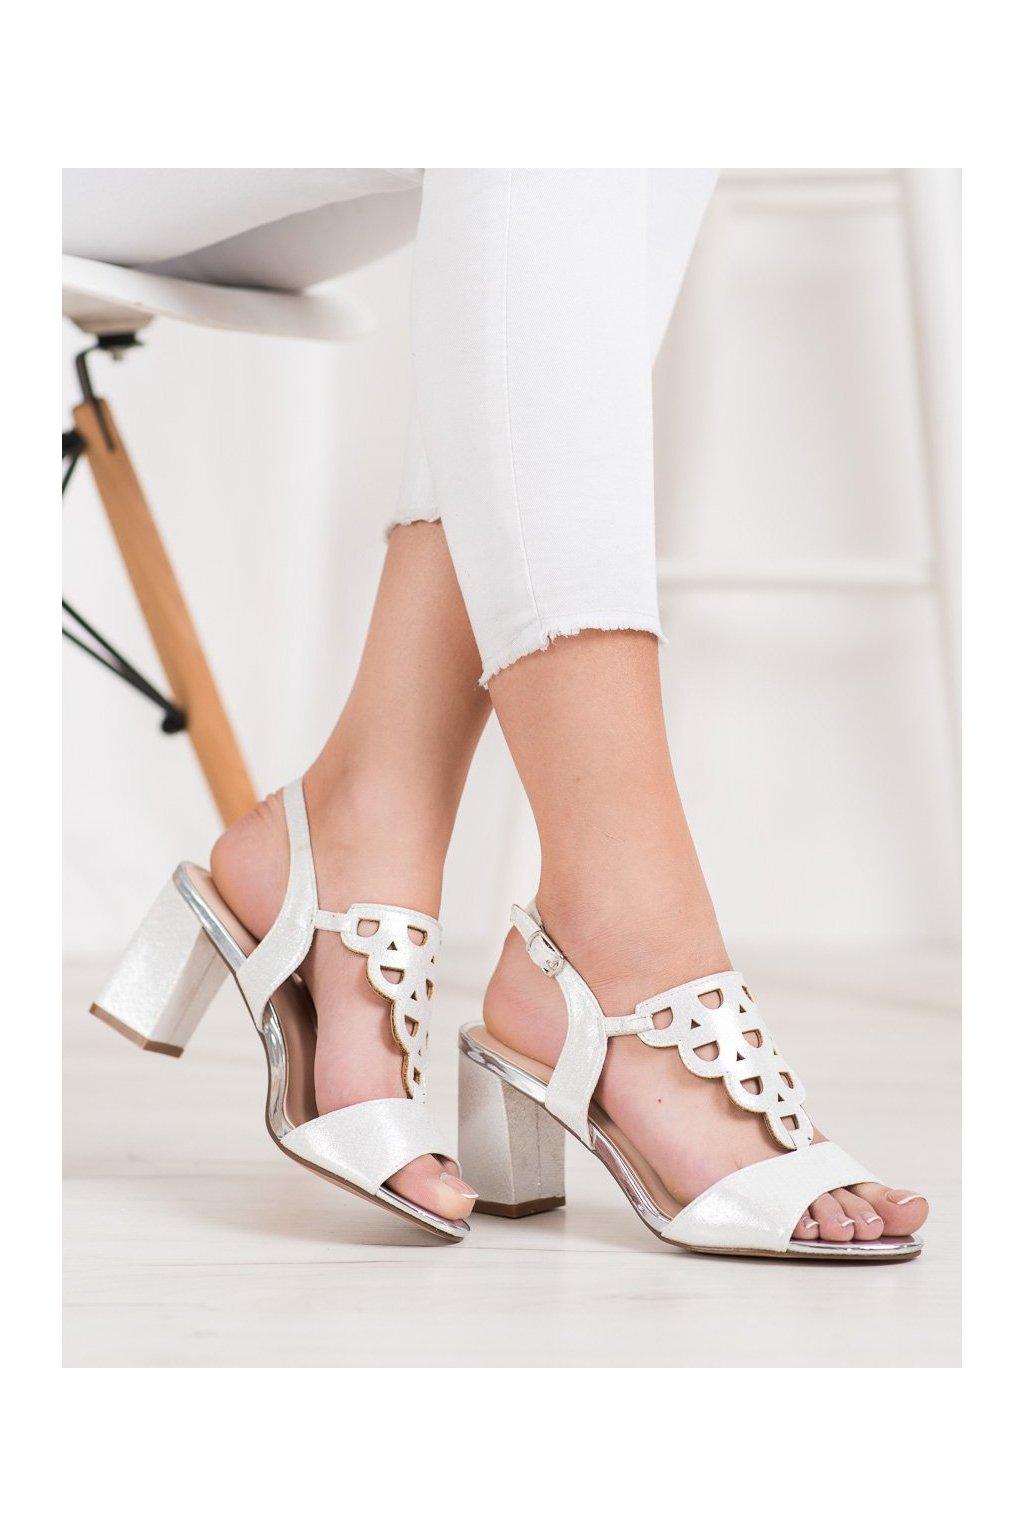 Sivé sandále na podpätku Vinceza kod YQE20-17080S